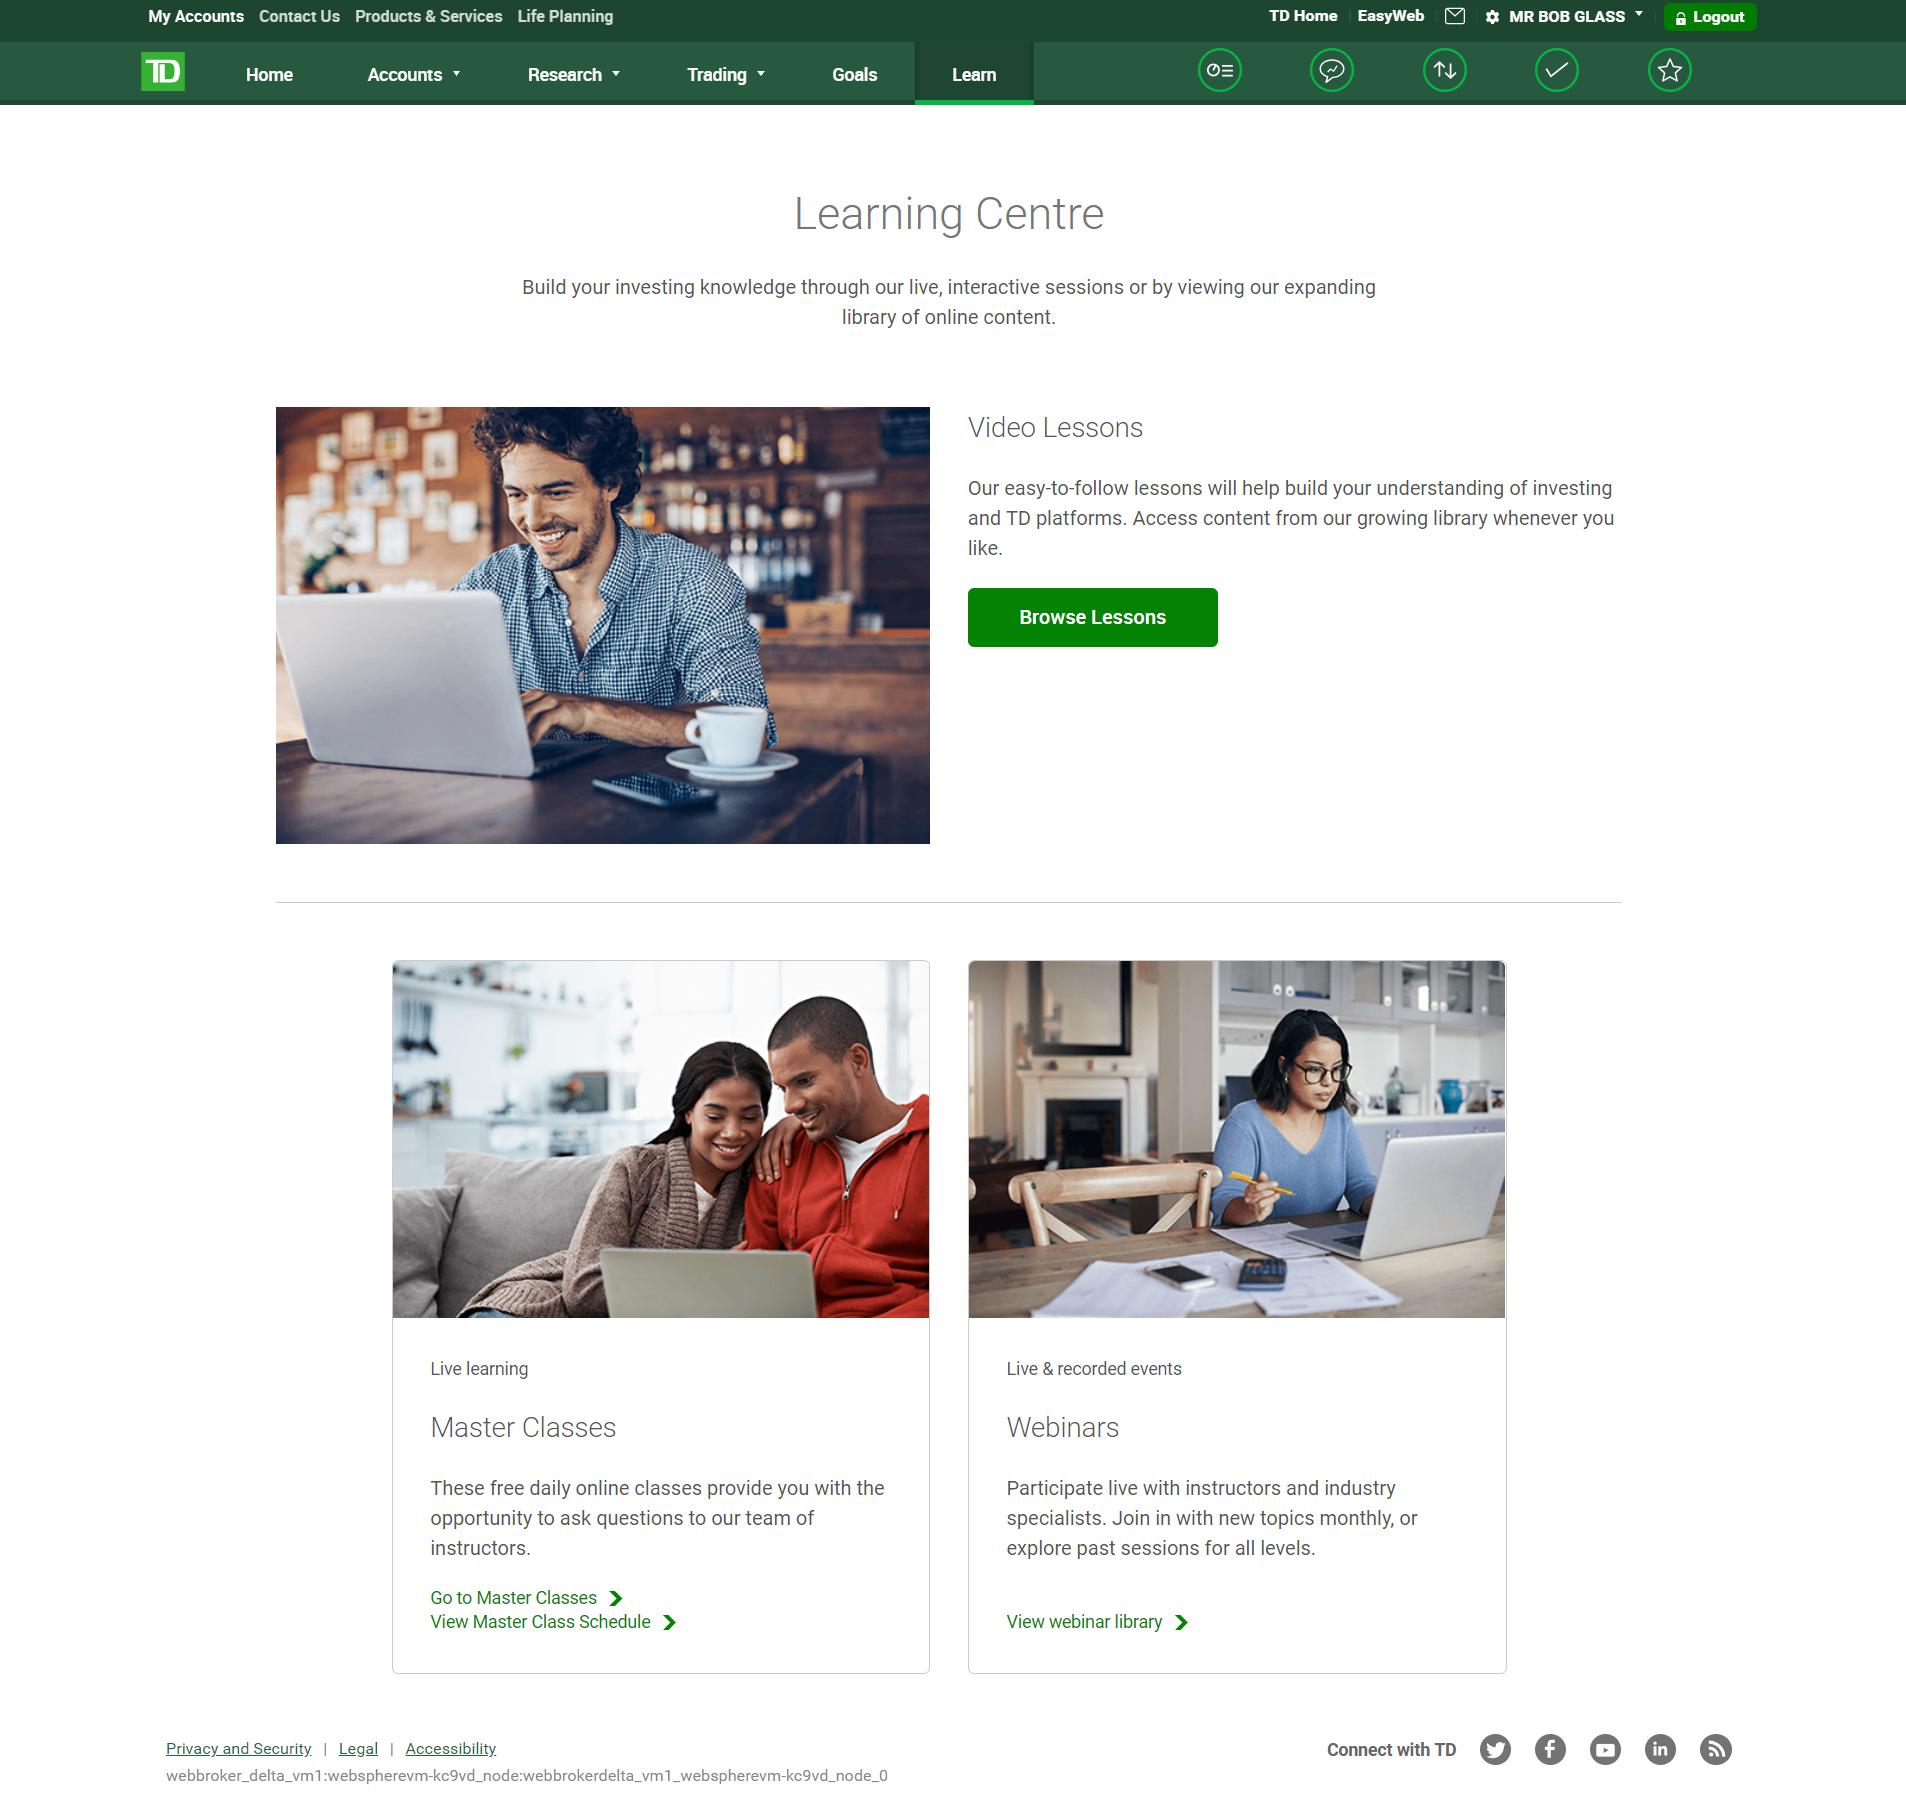 What's new in WebBroker?